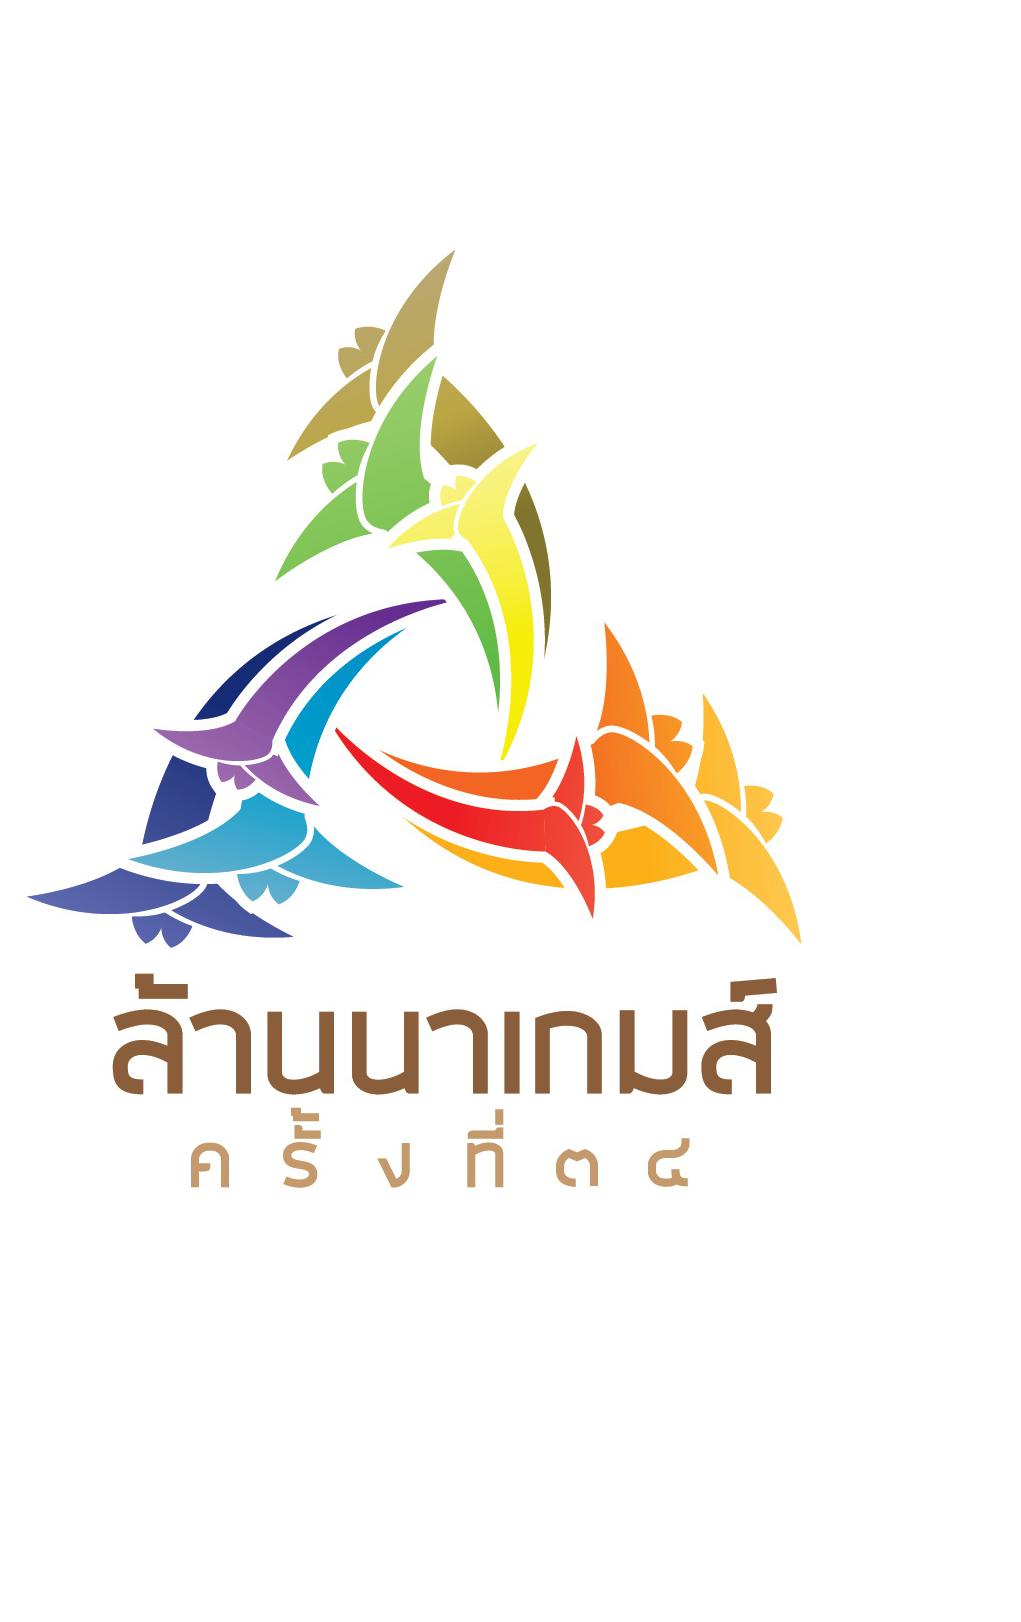 ตราสัญลักษณ์ การแข่งขันกีฬามหาวิทยาลัยเทคโนโลยีราชมงคลแห่งประเทศไทย ครั้งที่ 34